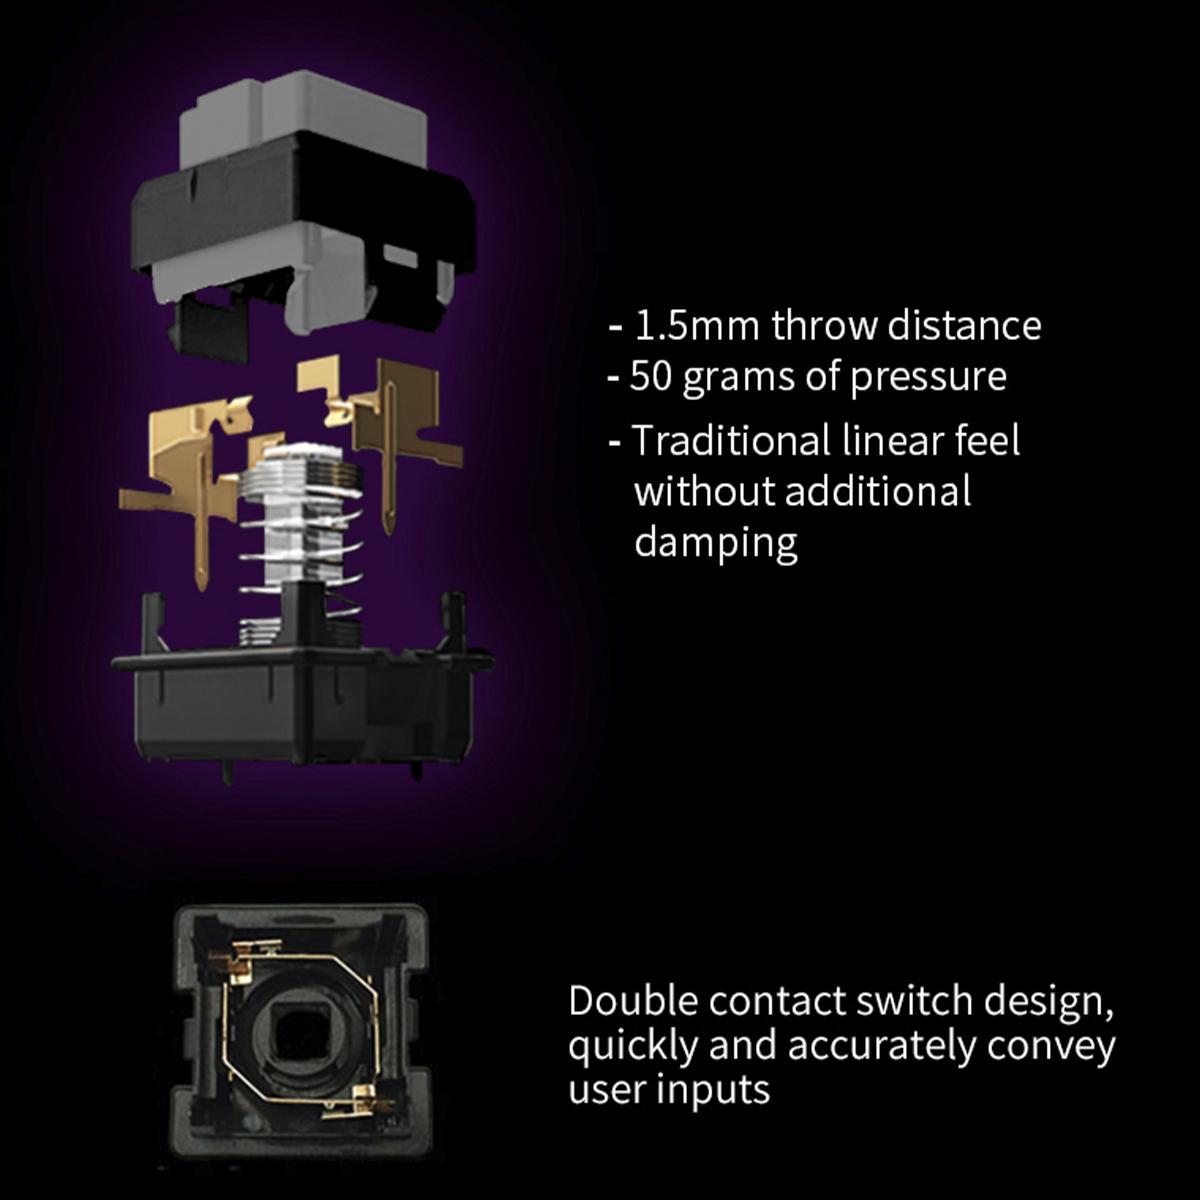 【通常】 Qanba Gravity(グラビティ)メカニカルスイッチ アーケード ボタン 30mm(ネジ式)